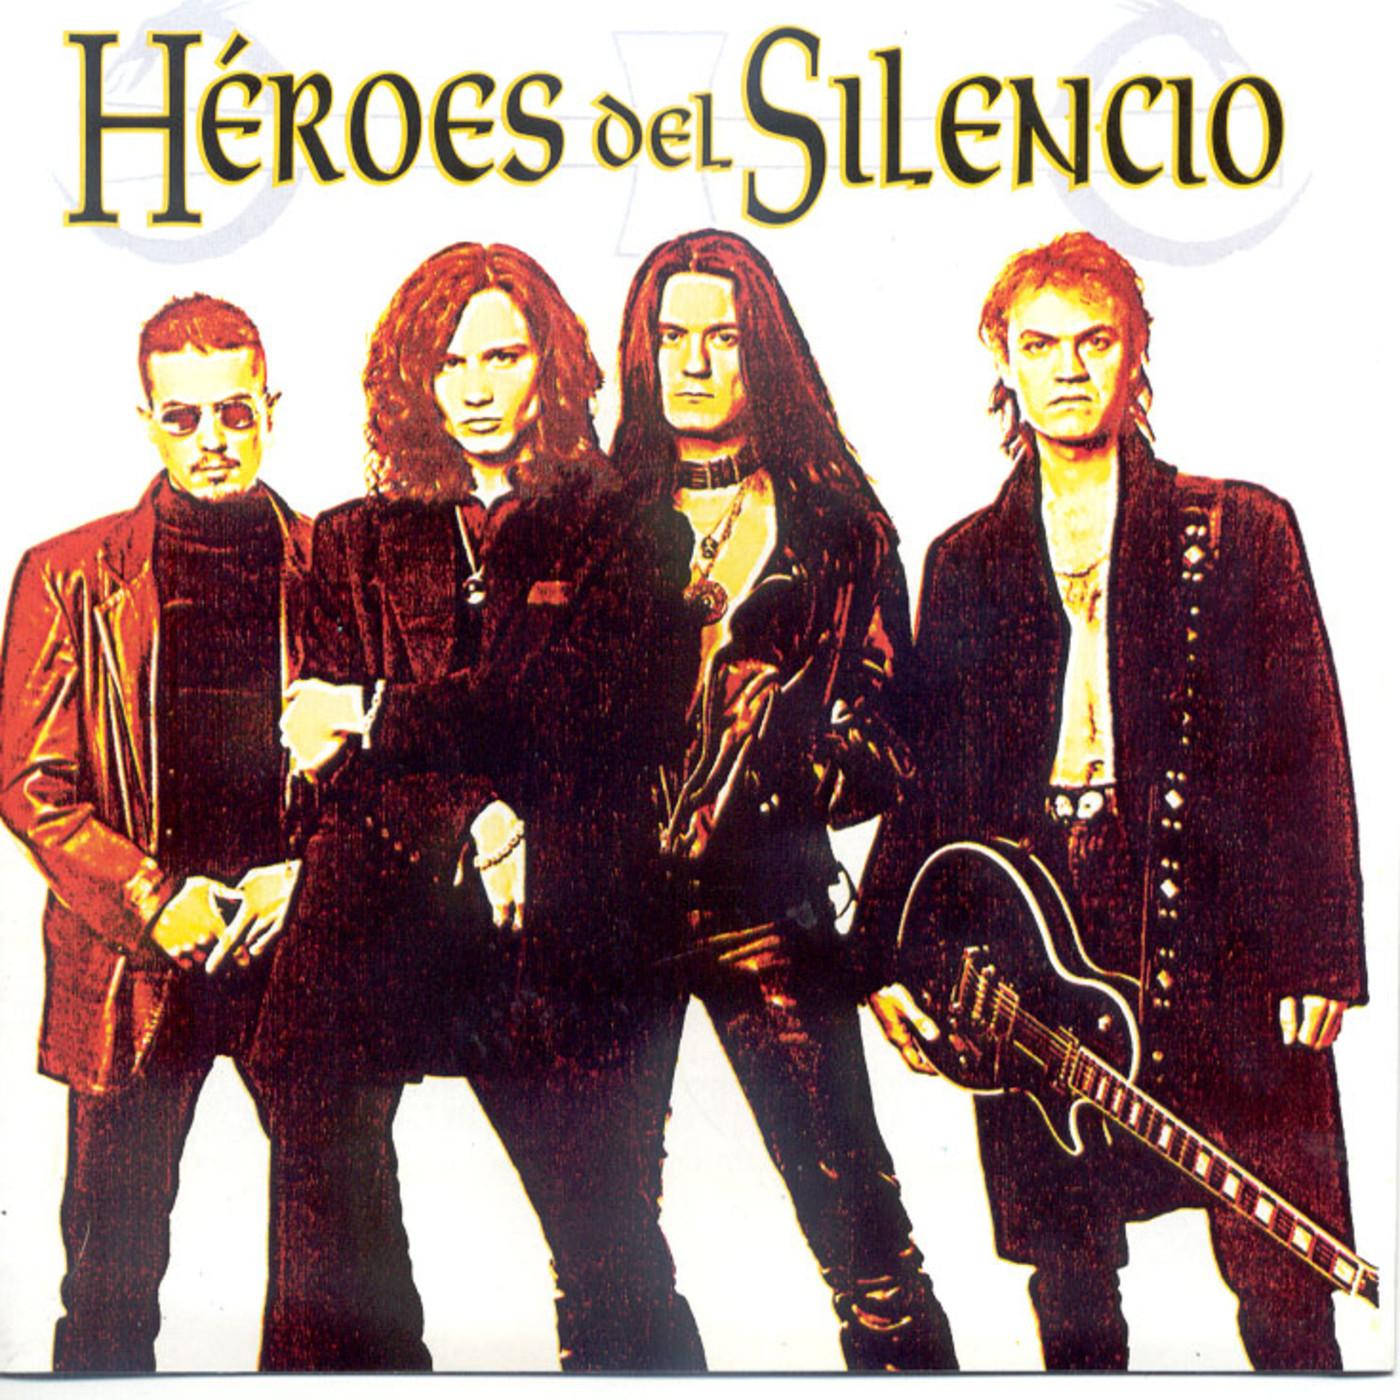 descargar olvidado de heroes del silencio canciones